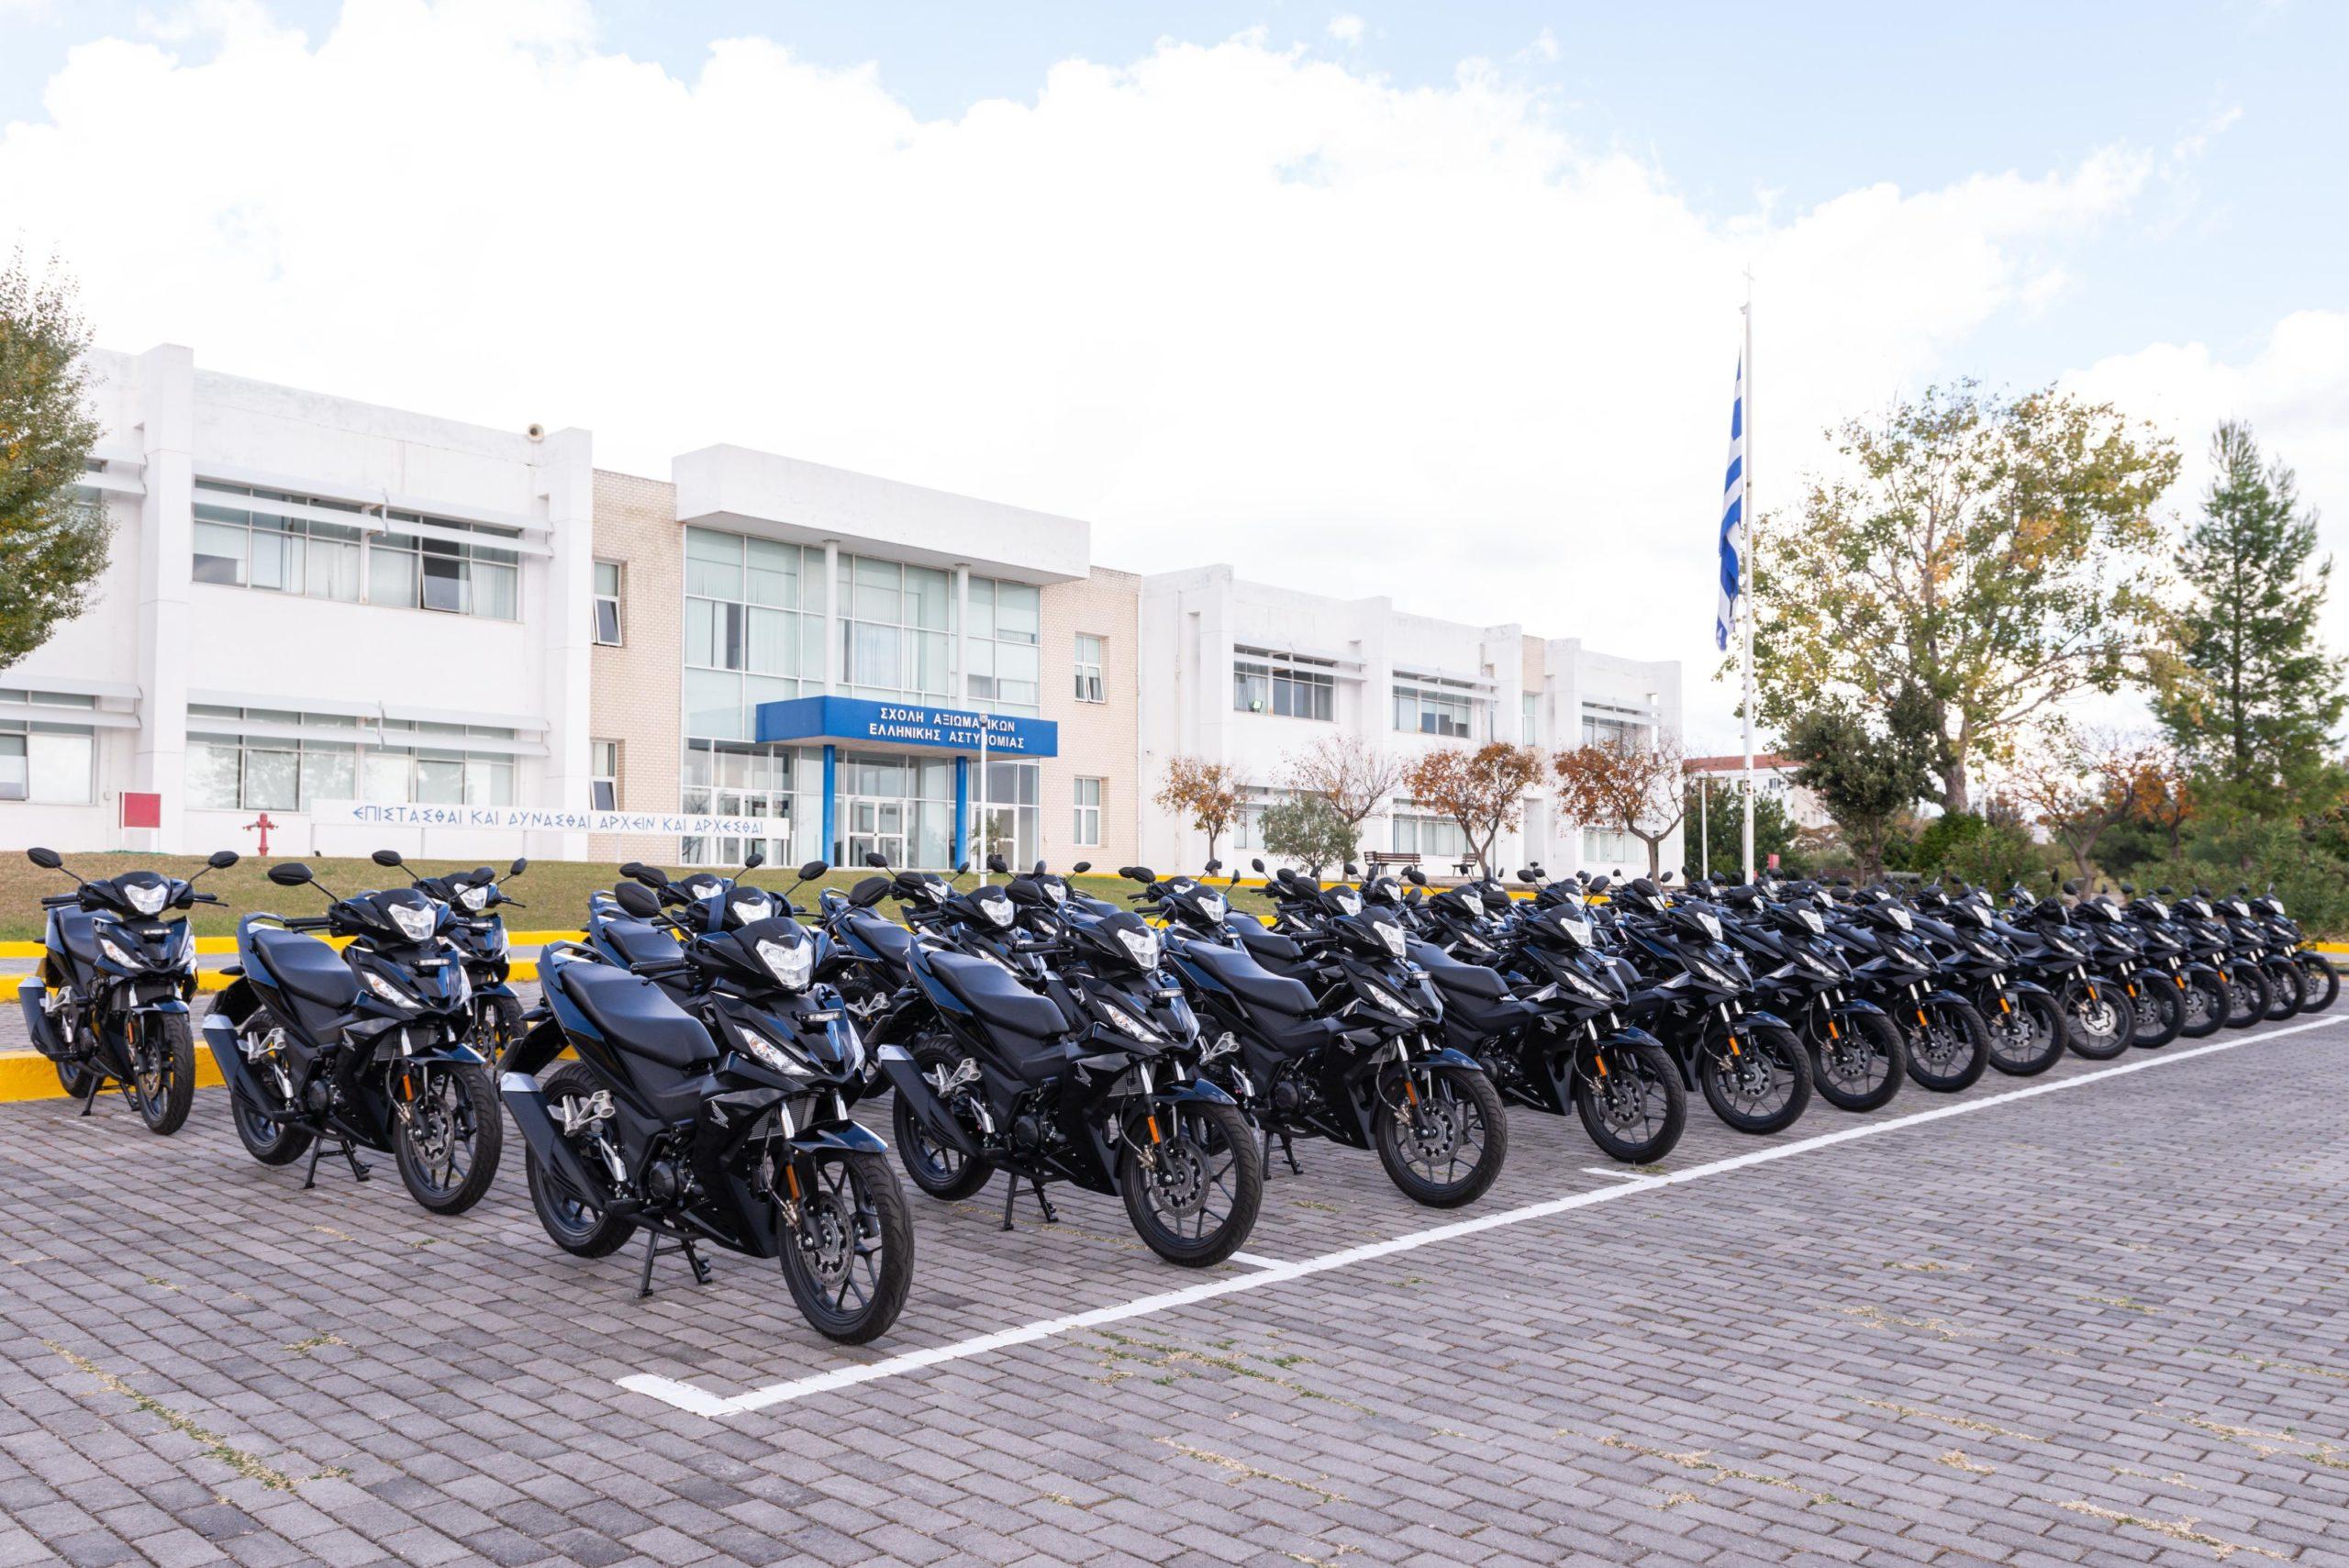 Δείτε τις νέες μοτοσυκλέτες της Ελληνικής Αστυνομίας